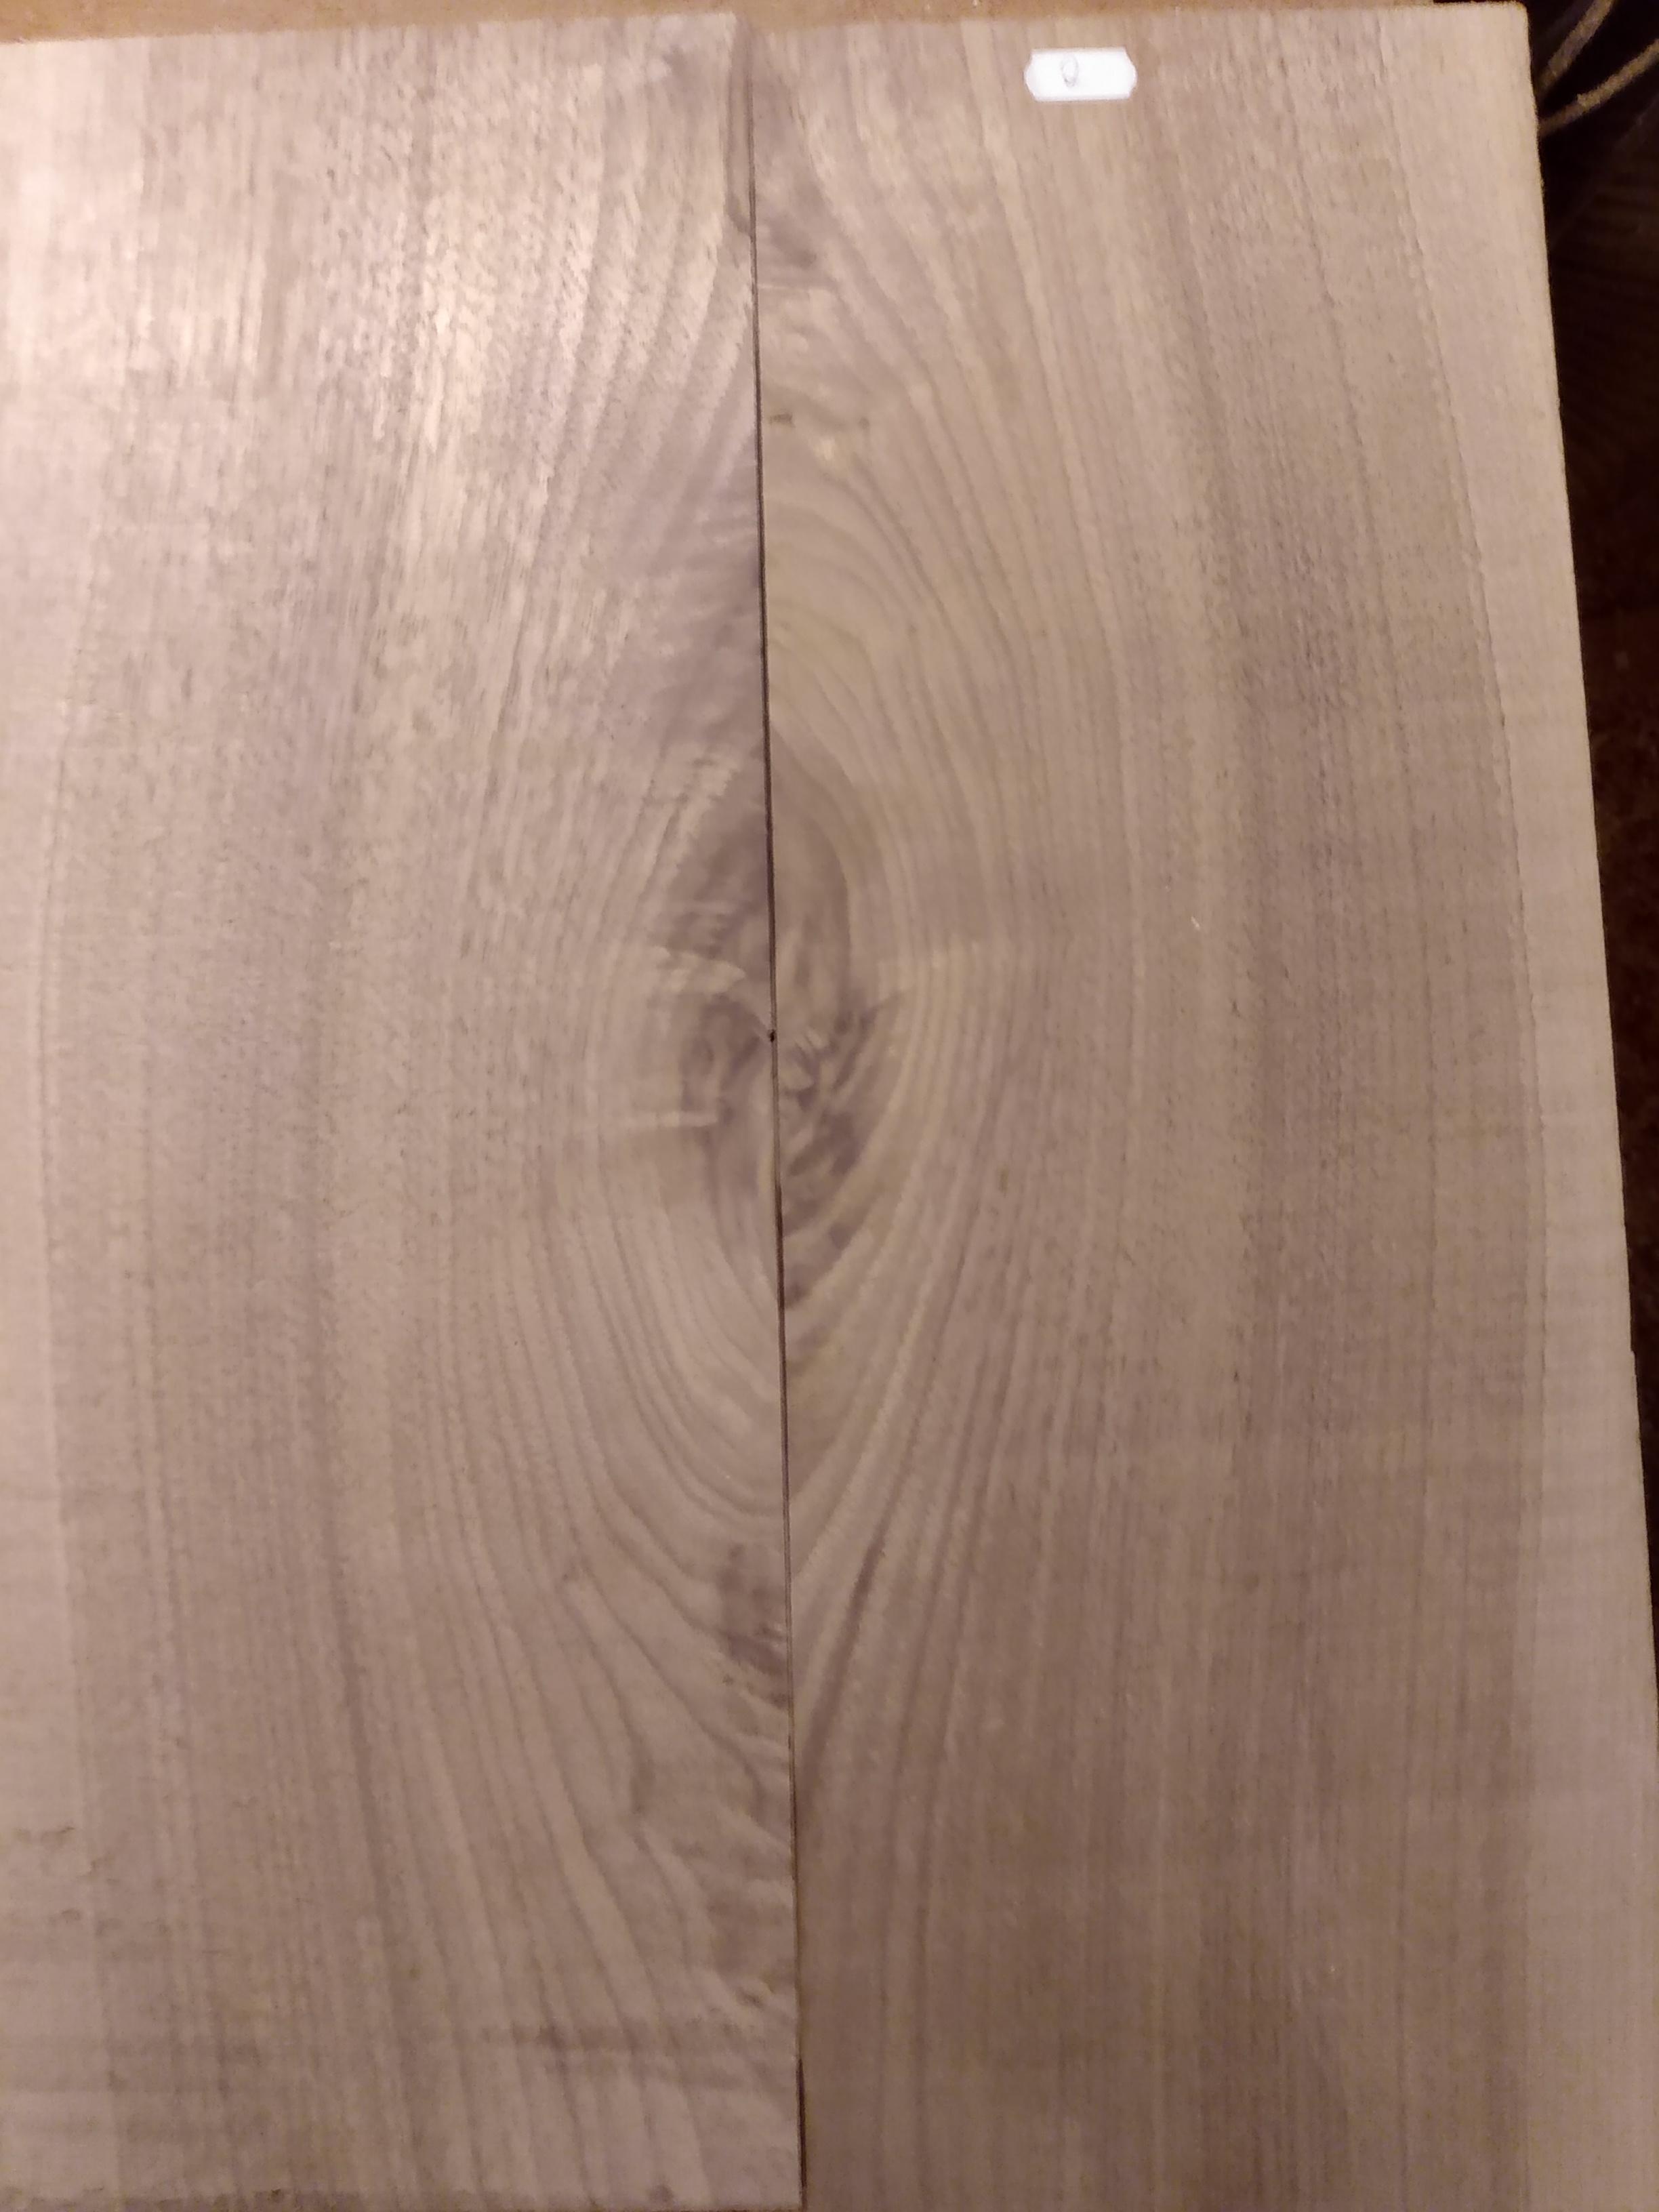 walnutbook2.jpg